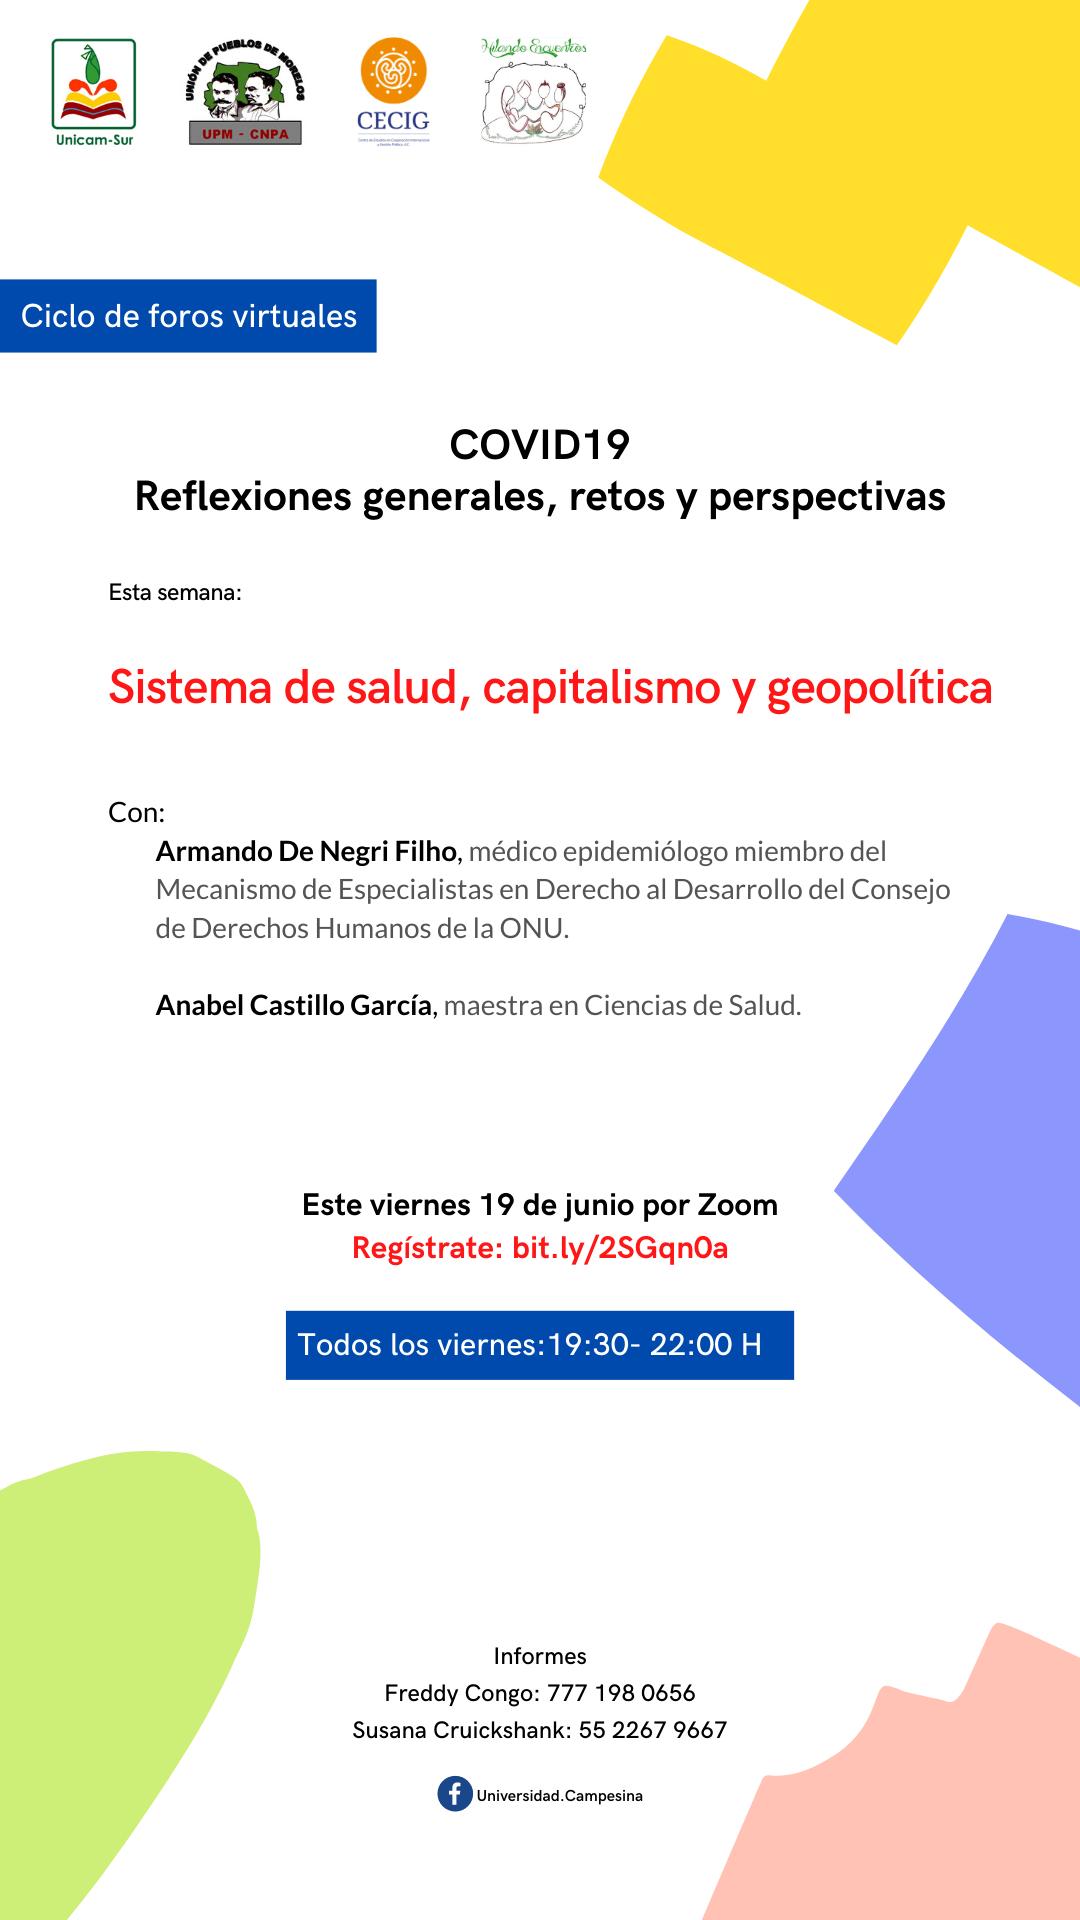 """Ciclo de foros virtuales """"COVID19. Reflexiones generales, retos y perspectivas"""